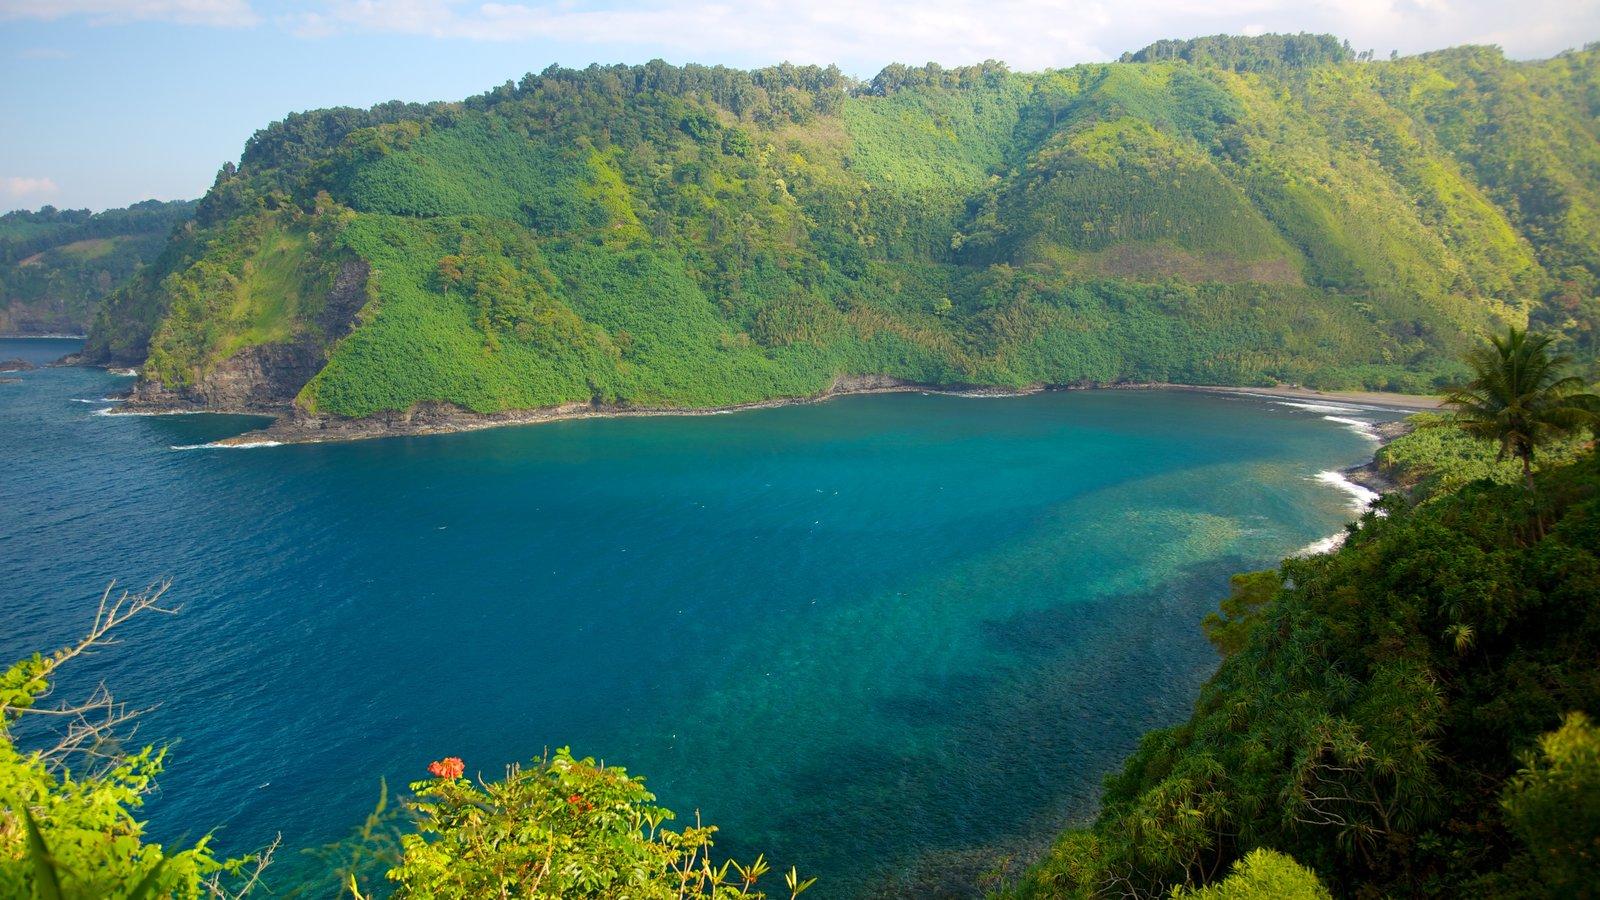 Maui caracterizando montanhas, paisagens e florestas